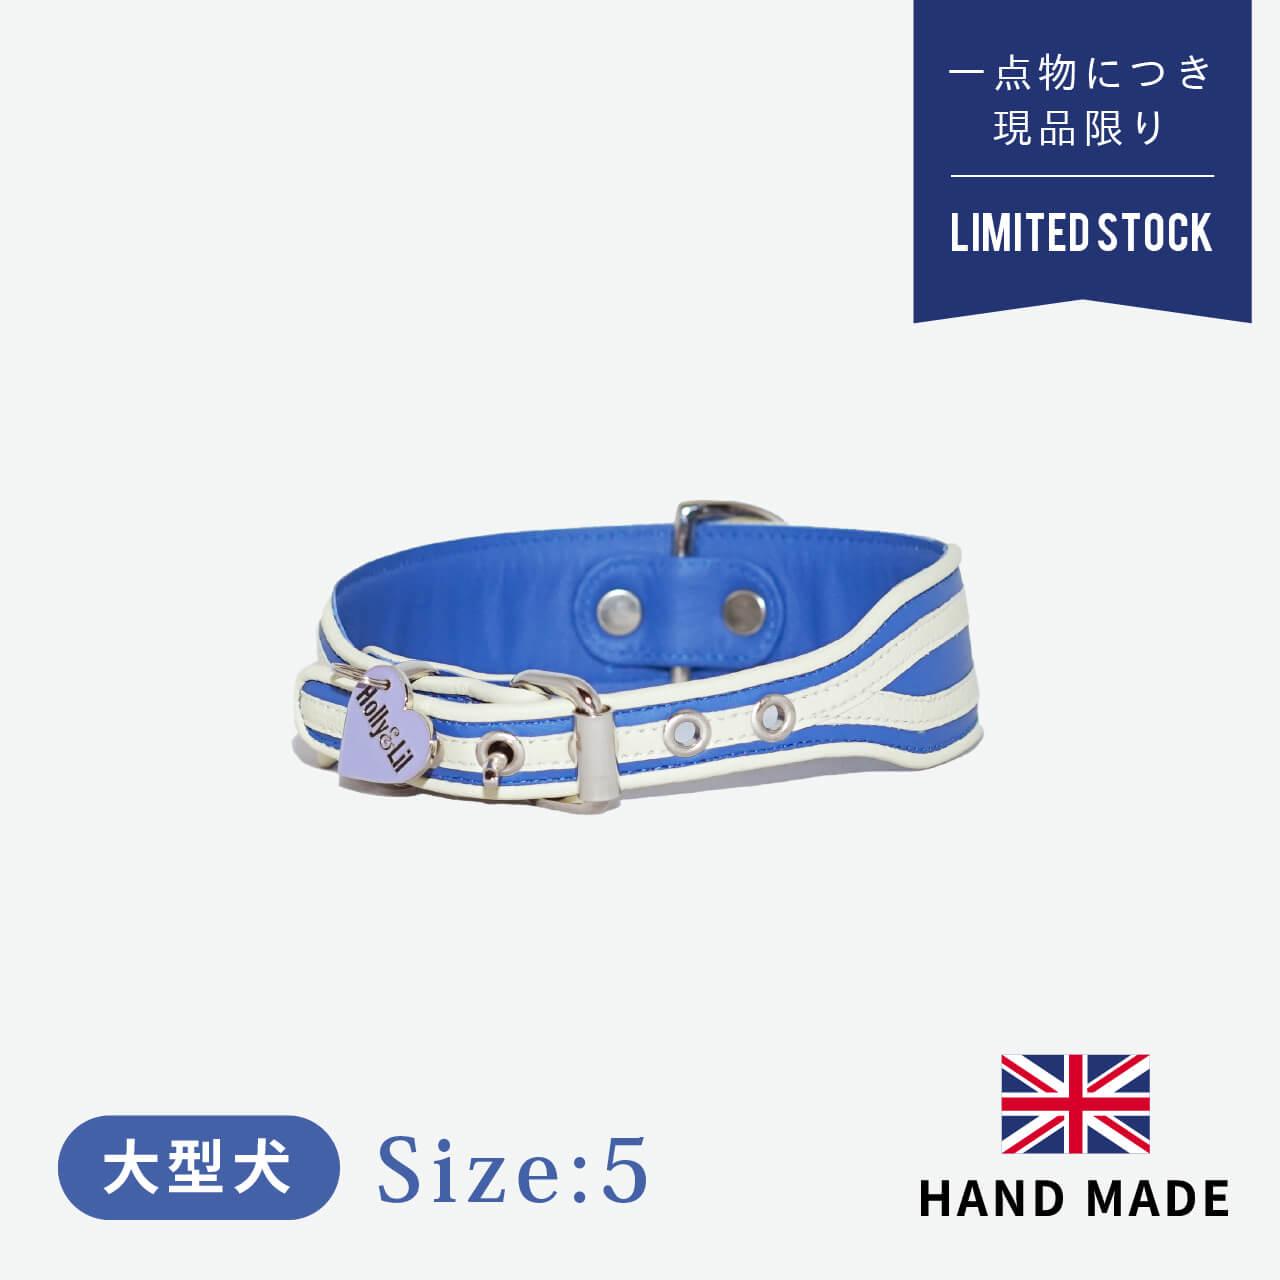 ホリー&リル マンハッタン カラー(首輪) size5